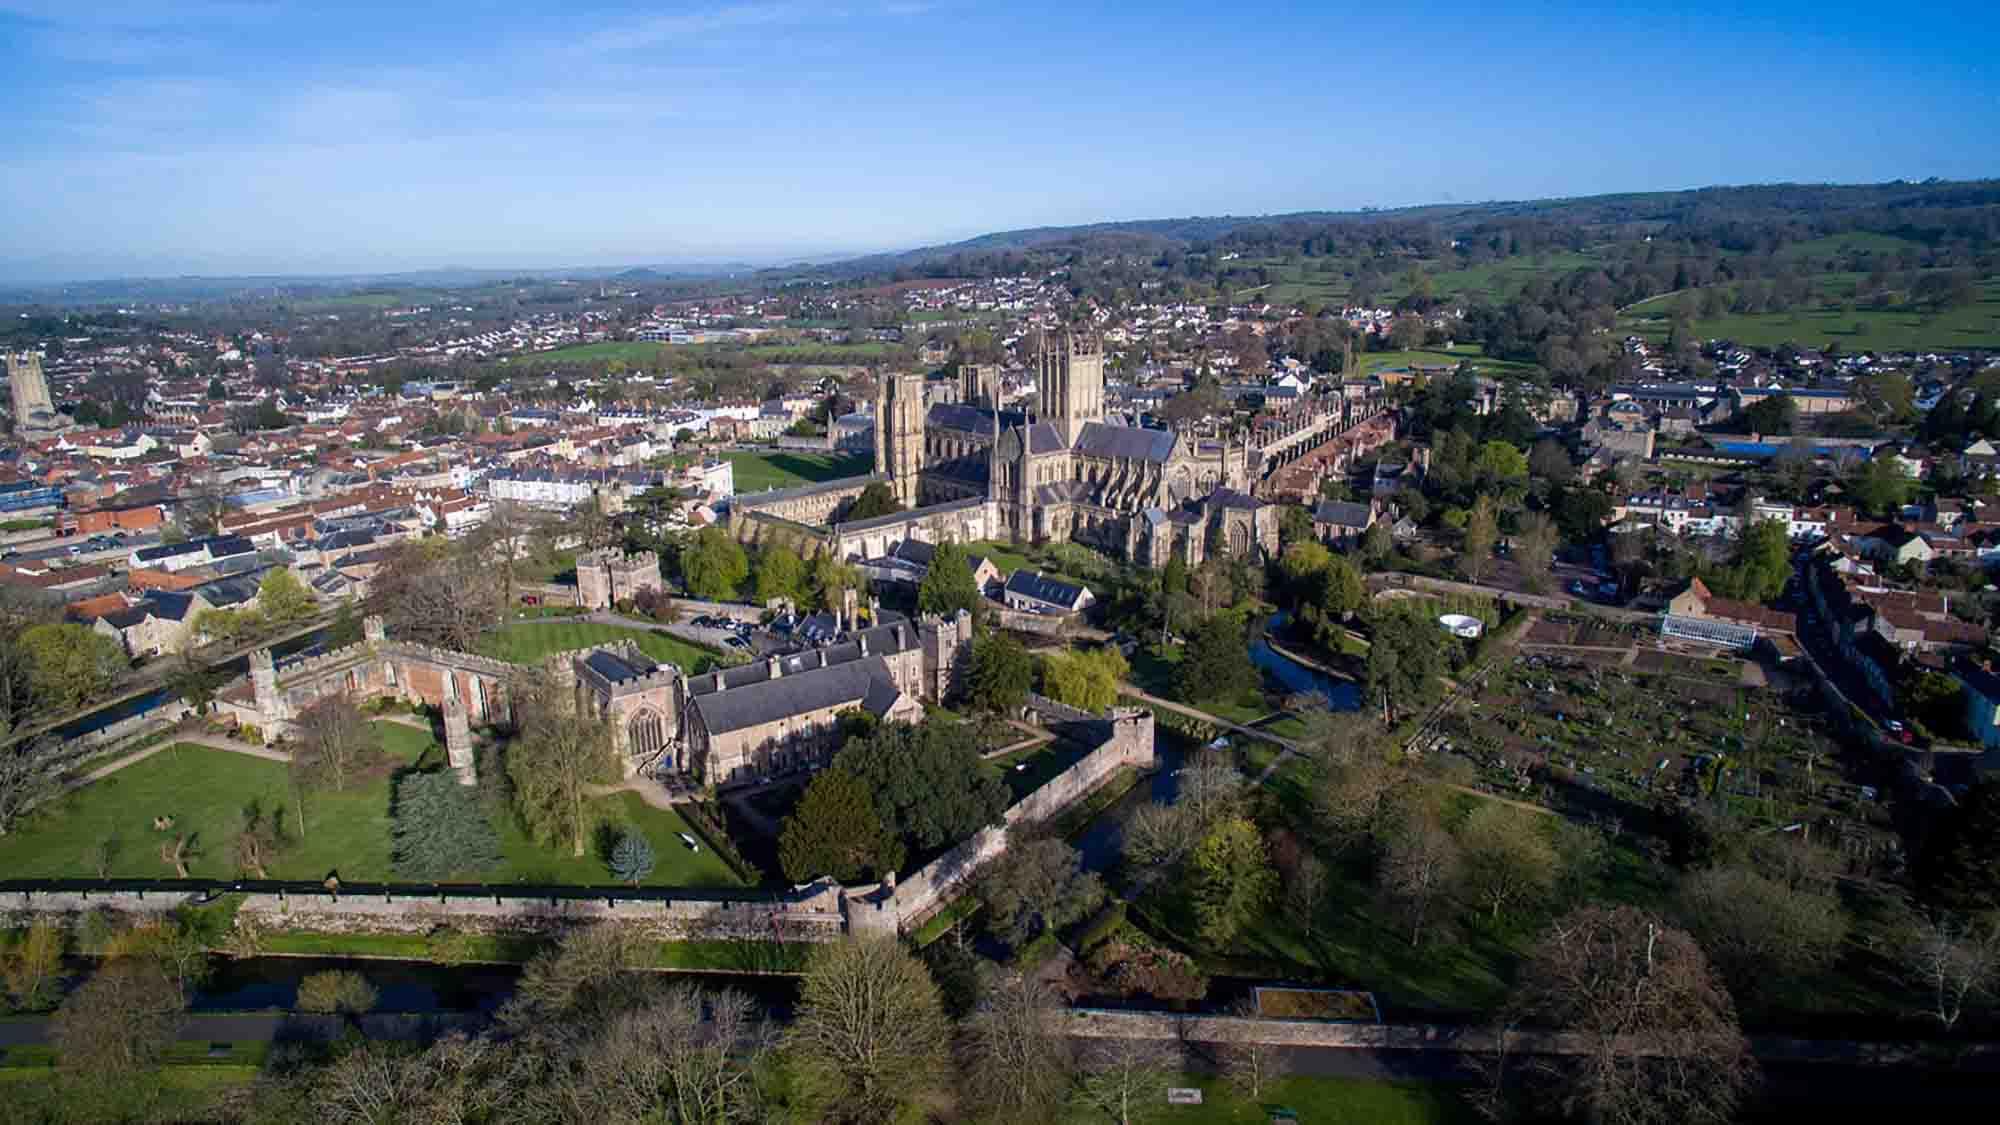 Vue aérienne de la Cathédrale de Wells, Somerset